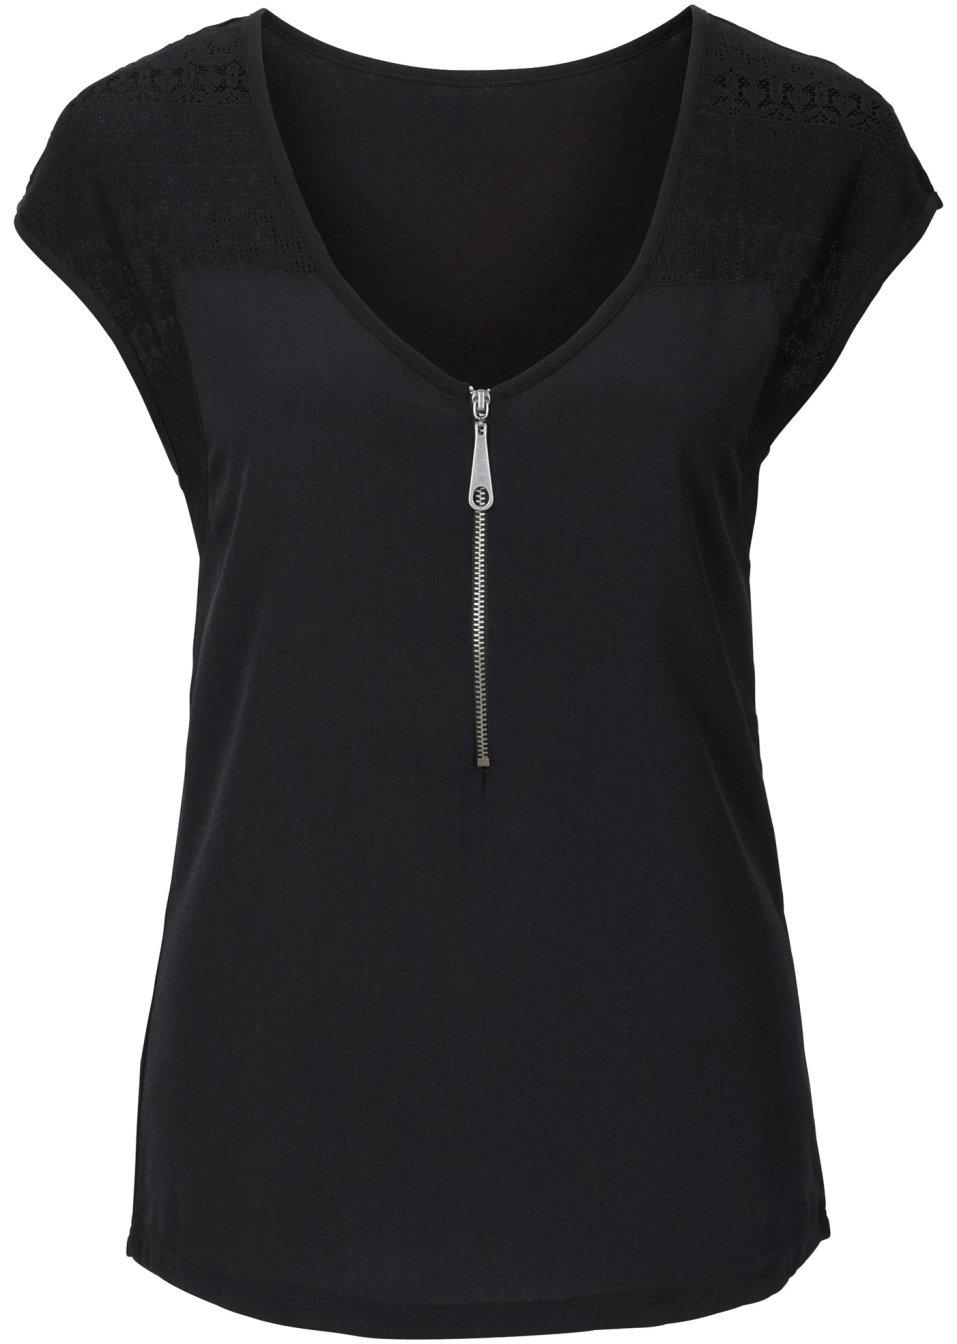 Originelles Shirt mit Reißverschluss und hübschen Spitzeneinsätzen - schwarz cqWSC 6nA9U